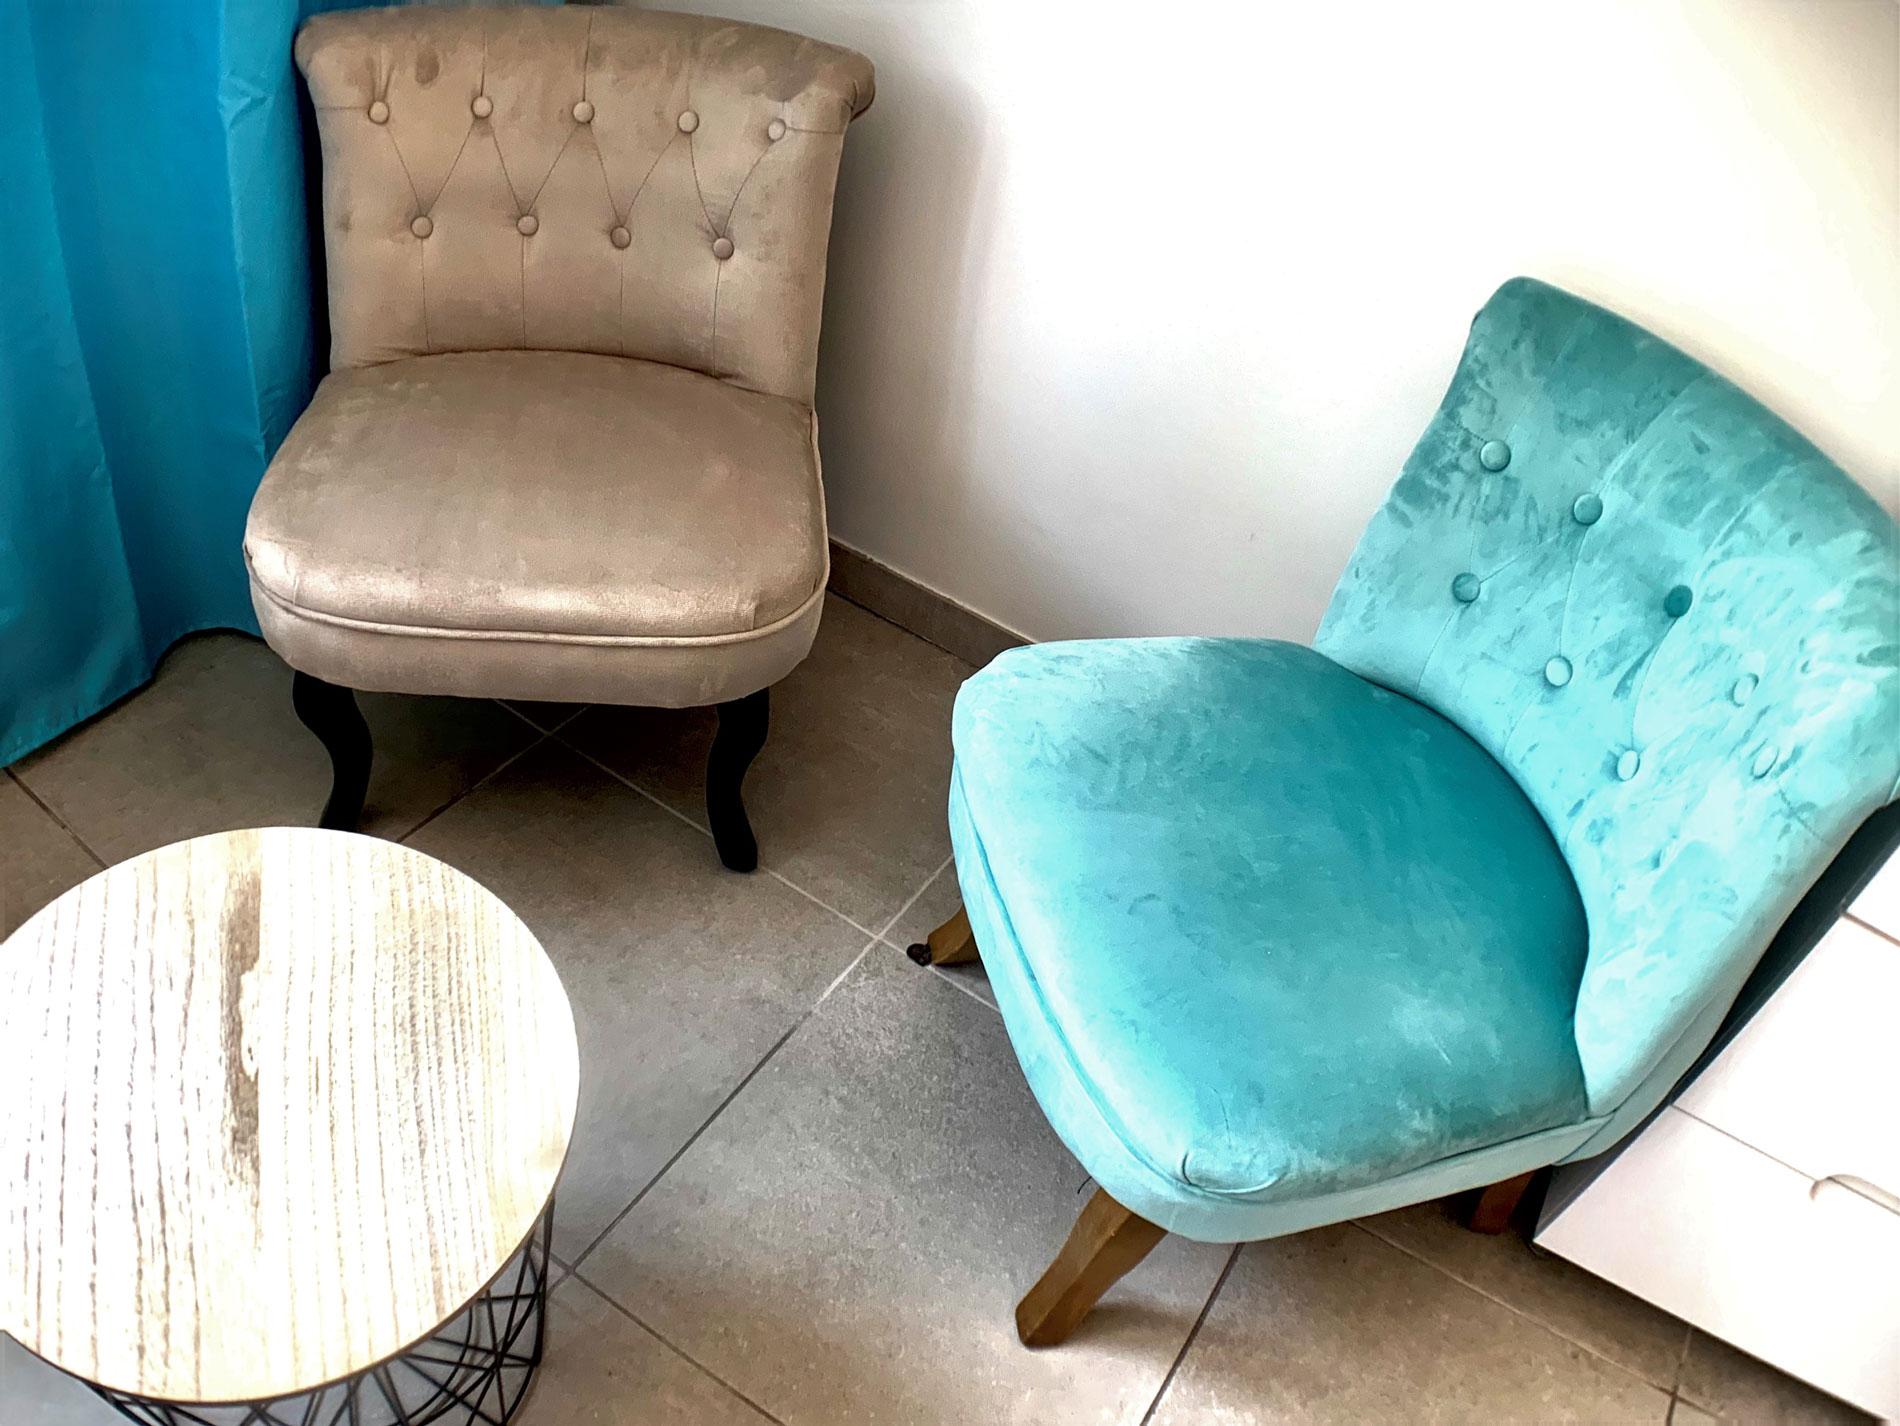 https://www.villaetoile-cannes.com/wp-content/uploads/2019/06/6-fauteuil.jpg